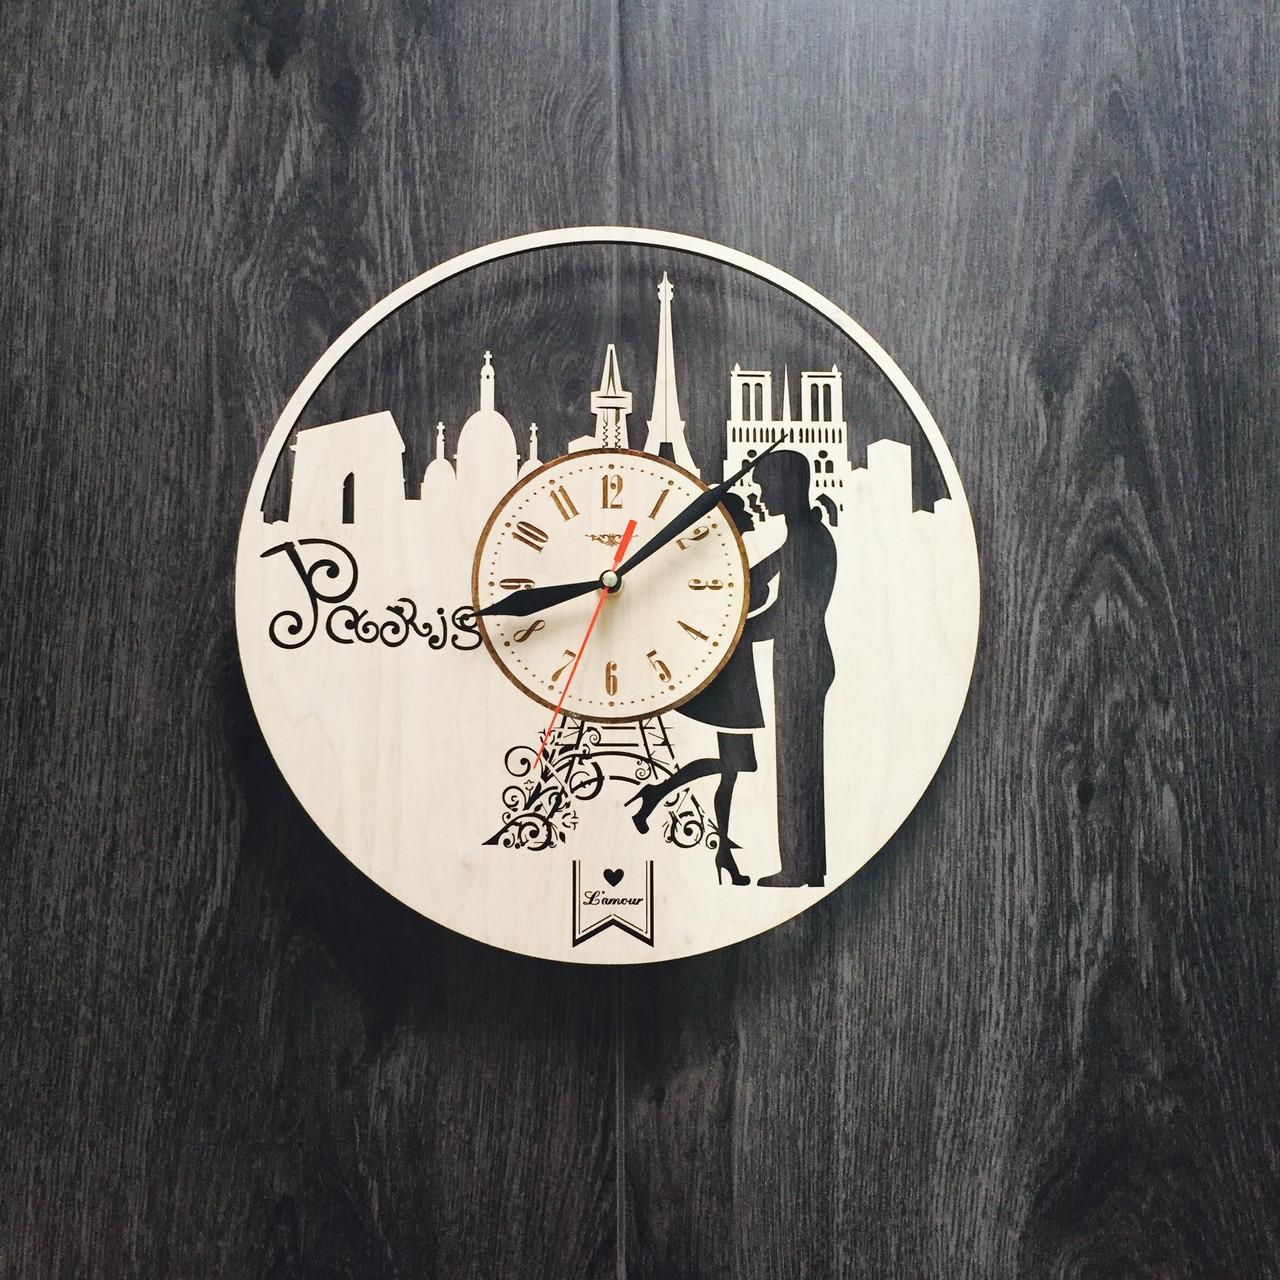 Інтер'єрні дерев'яні годинник 7Arts Париж Cl-0033